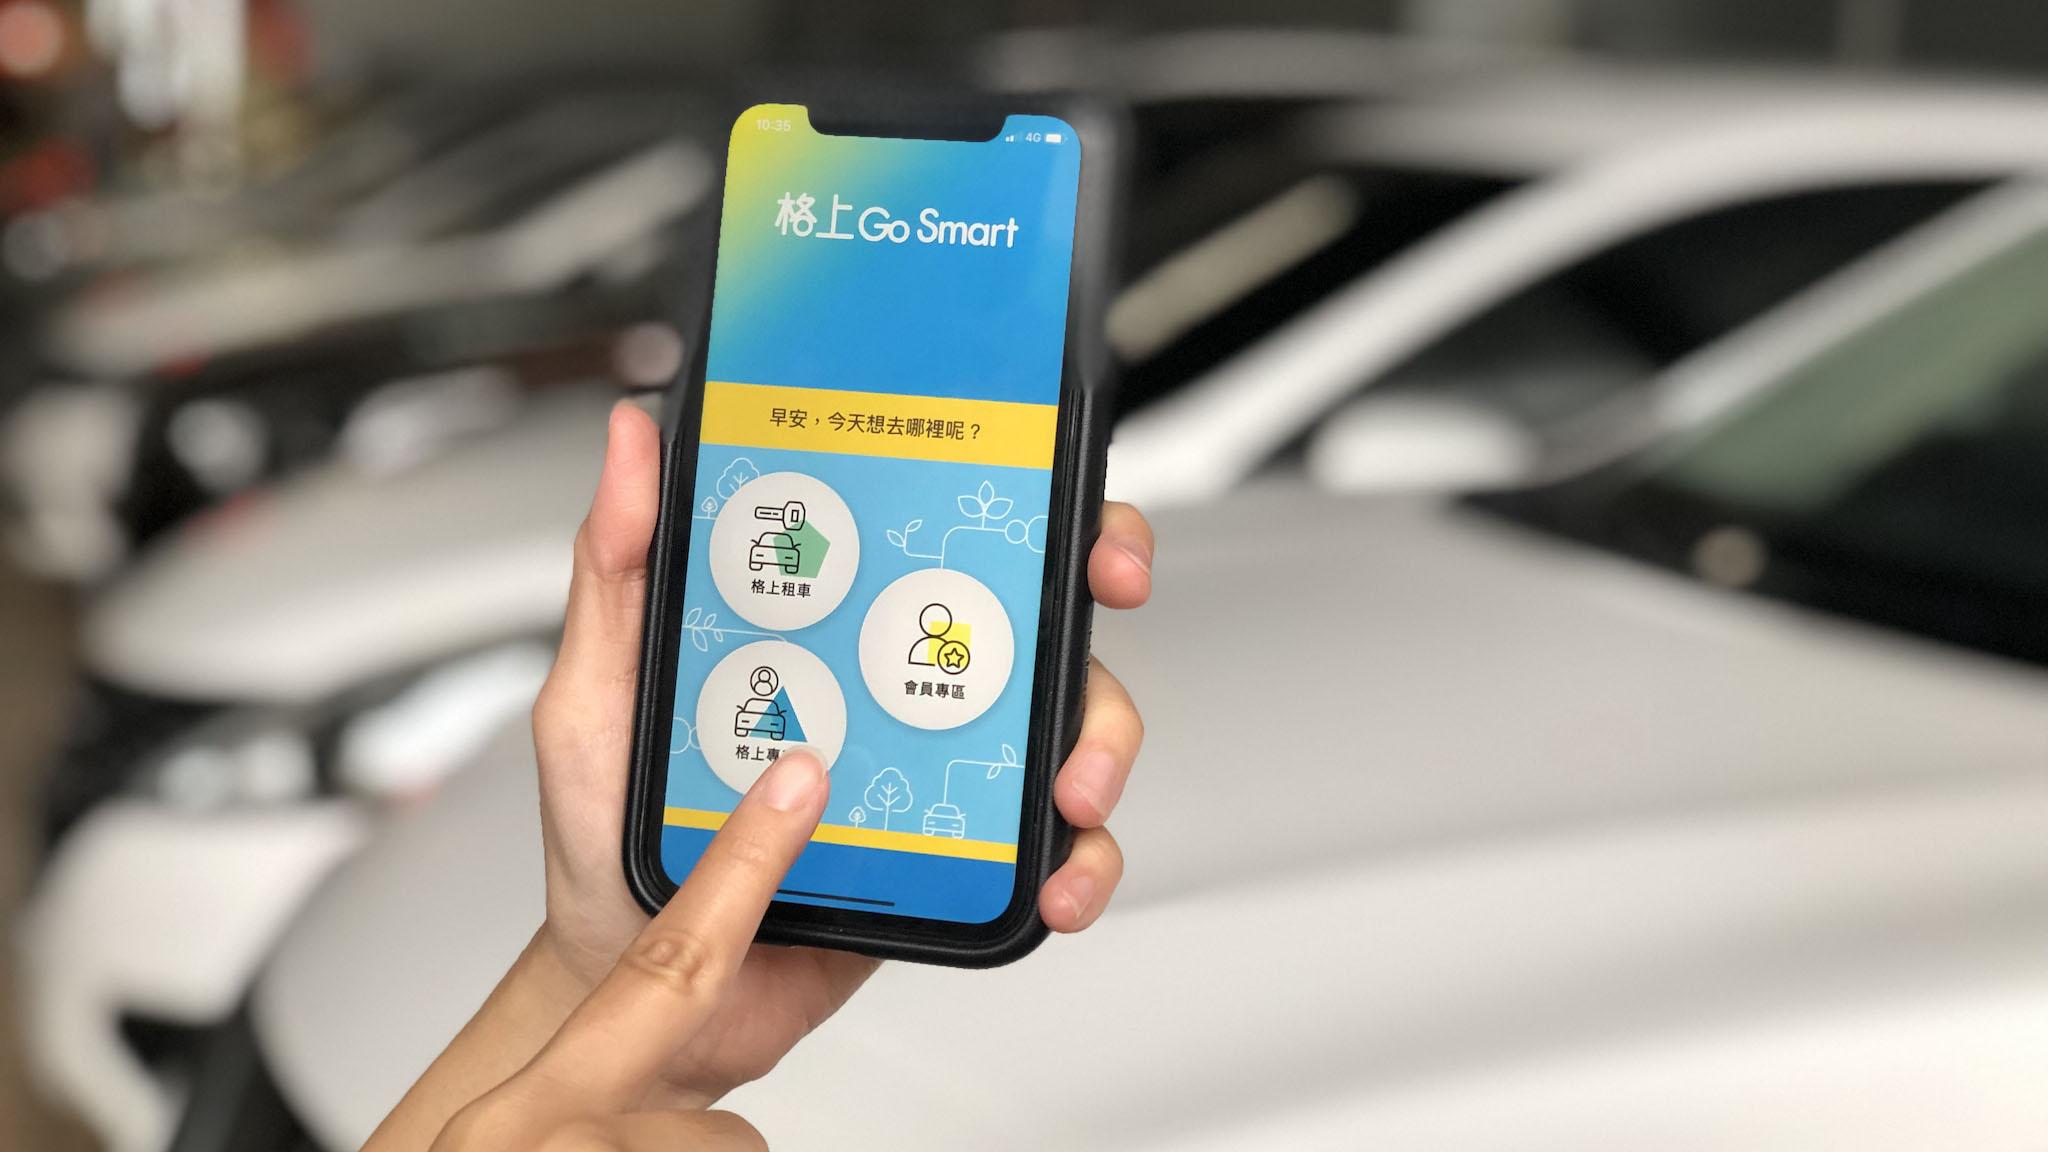 格上租車組「移動服務台灣隊」,推 App 八千元禮包大放送